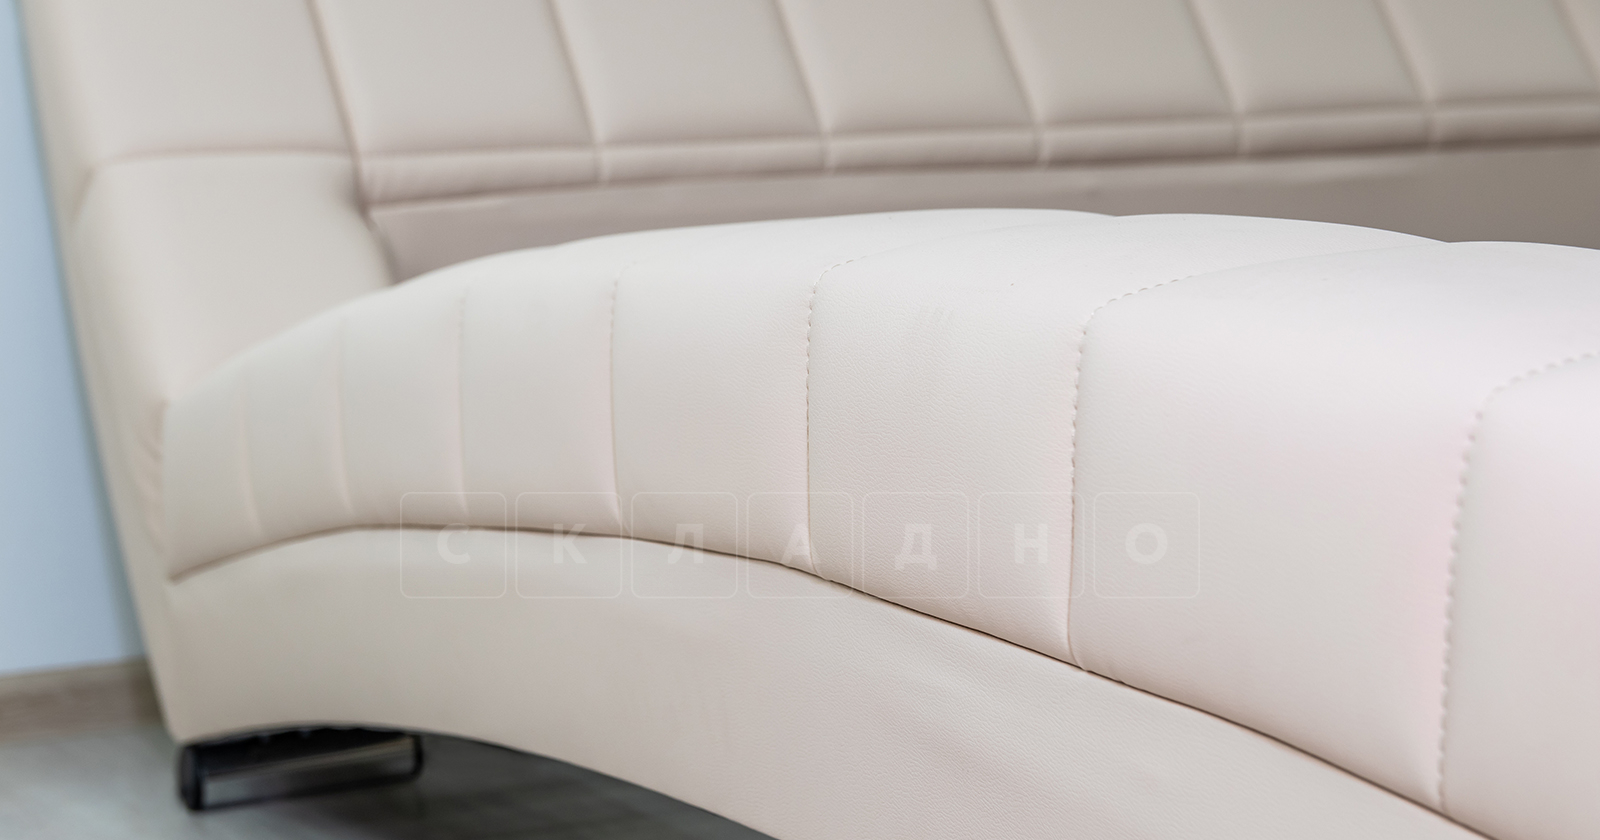 Мягкая кровать Оливия 160 см экокожа бежевый фото 7   интернет-магазин Складно